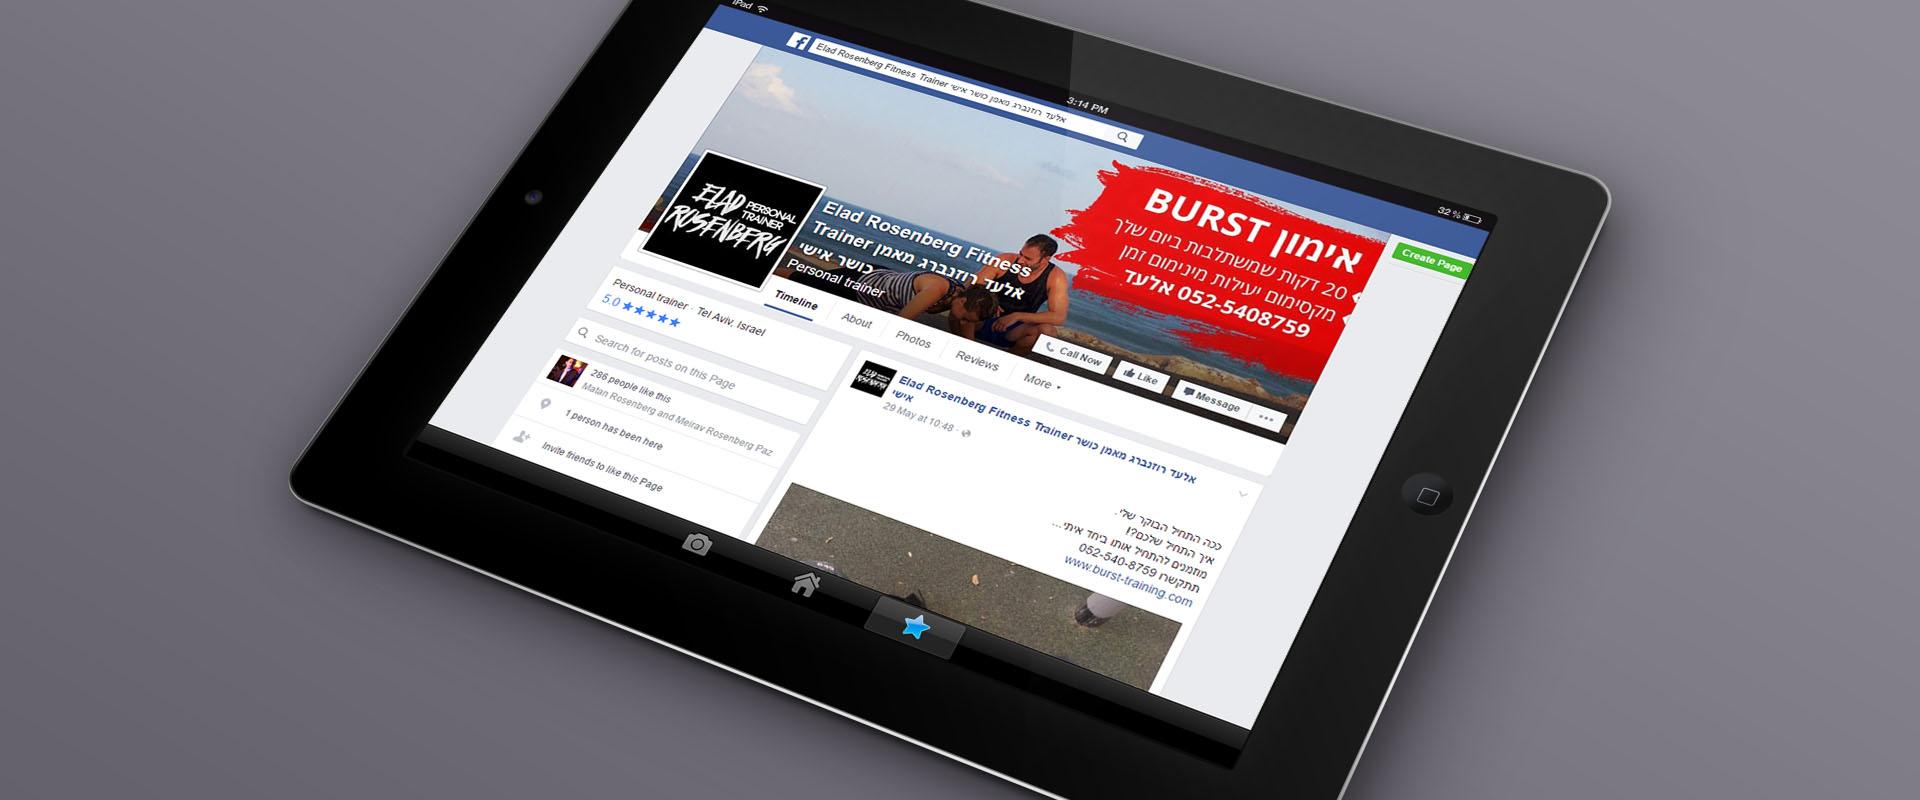 הדמיית עיצוב דף פייסבוק אלעד רוזנברג